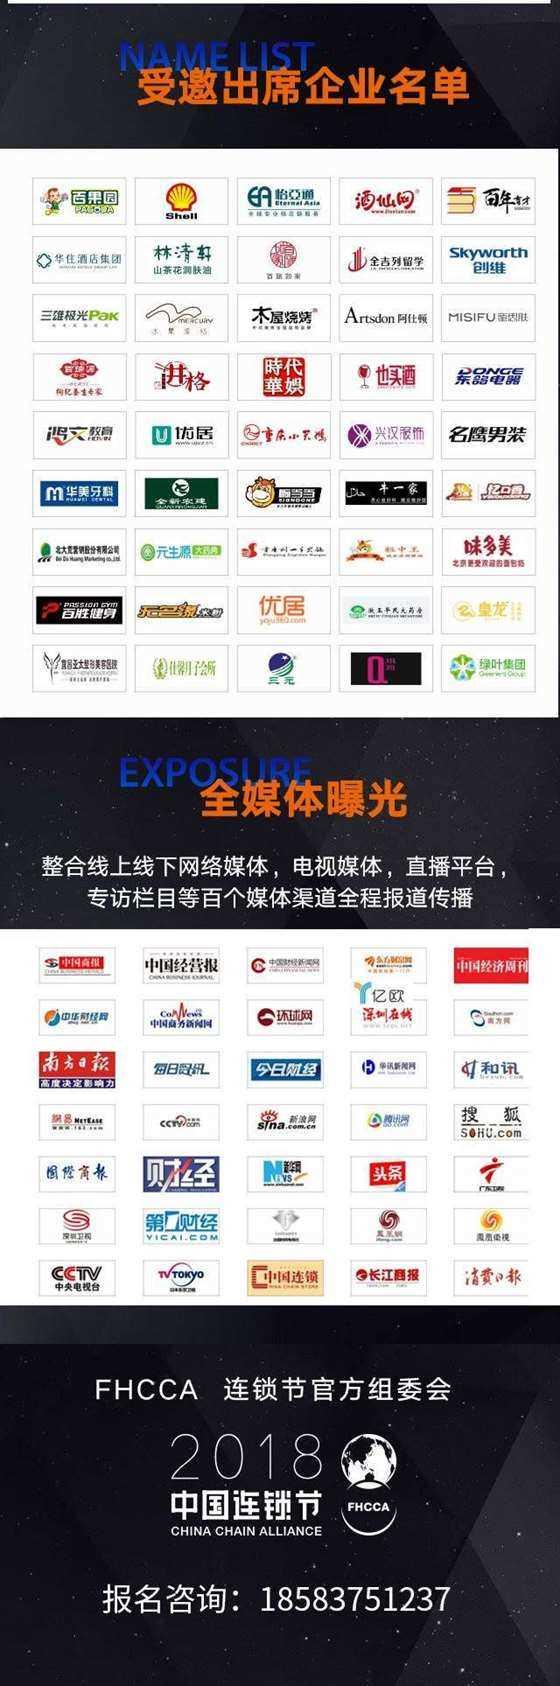 中国连锁节长图11月1日修正_04.jpg